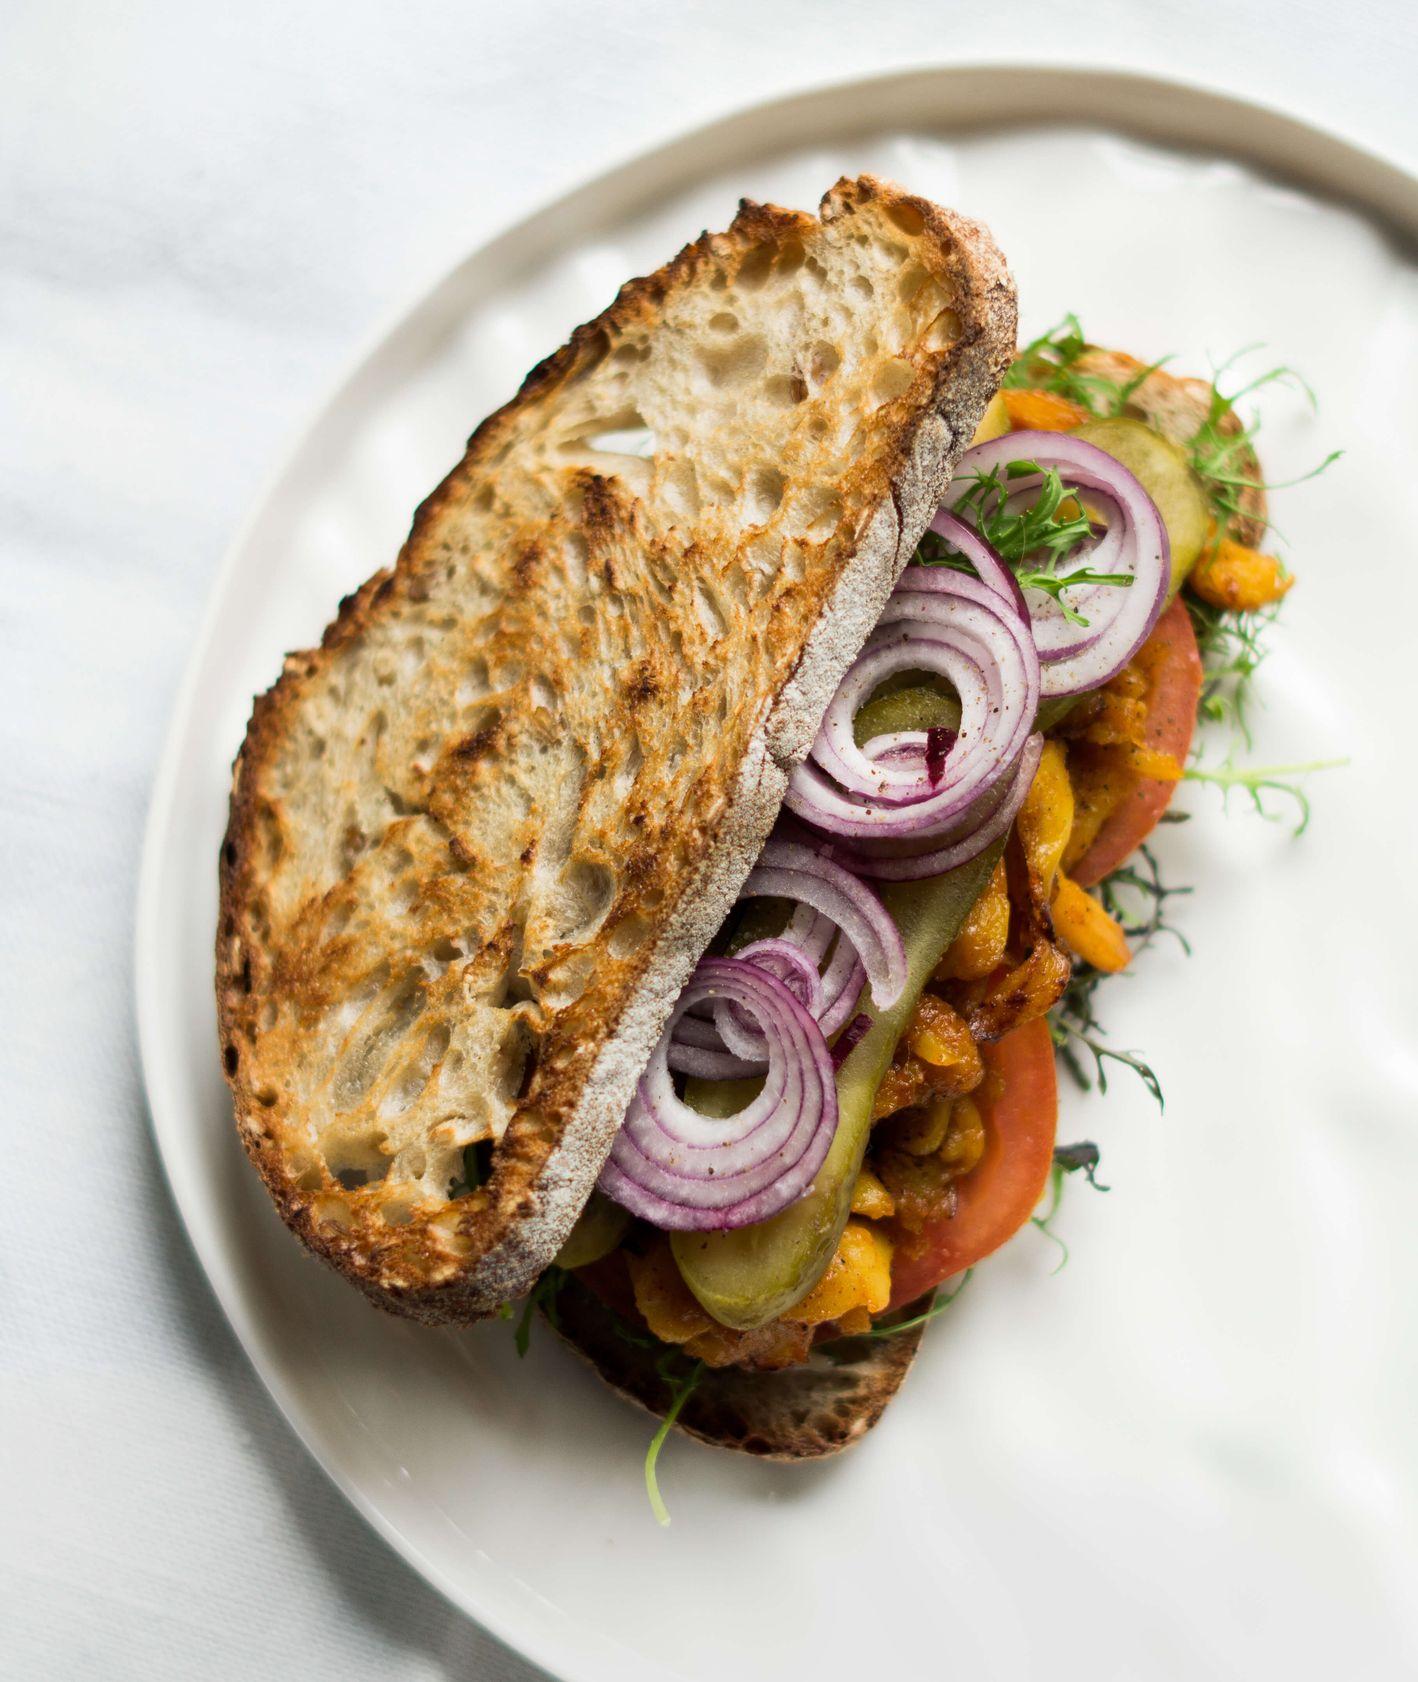 Co ugotować z jackfruit, chlebowcem? (fot. Jessica Nadziejko)